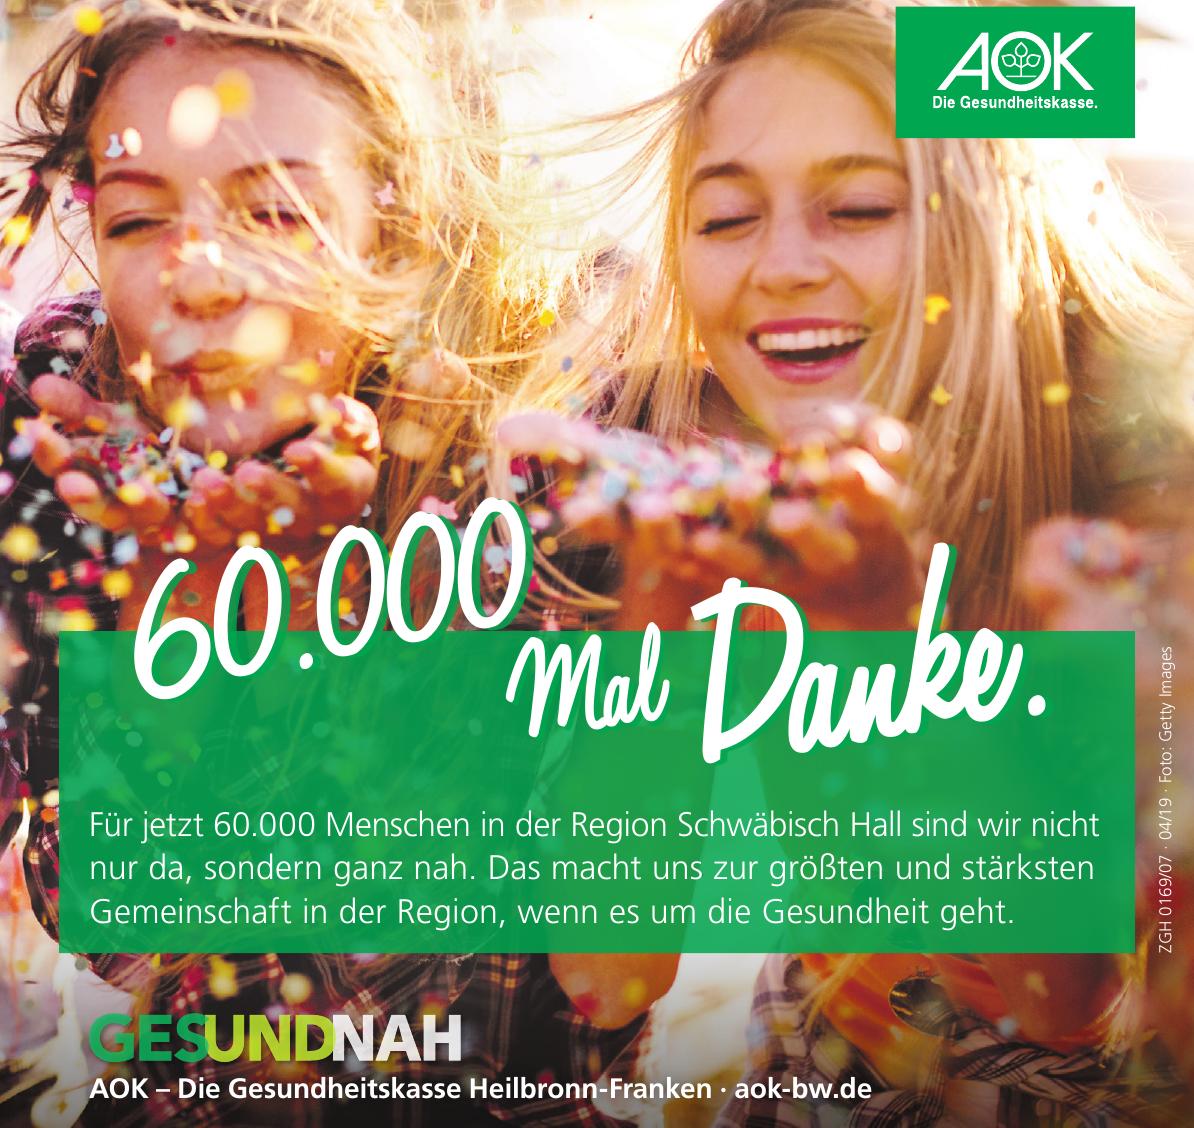 AOK – Die Gesundheitskasse Heilbronn-Franken